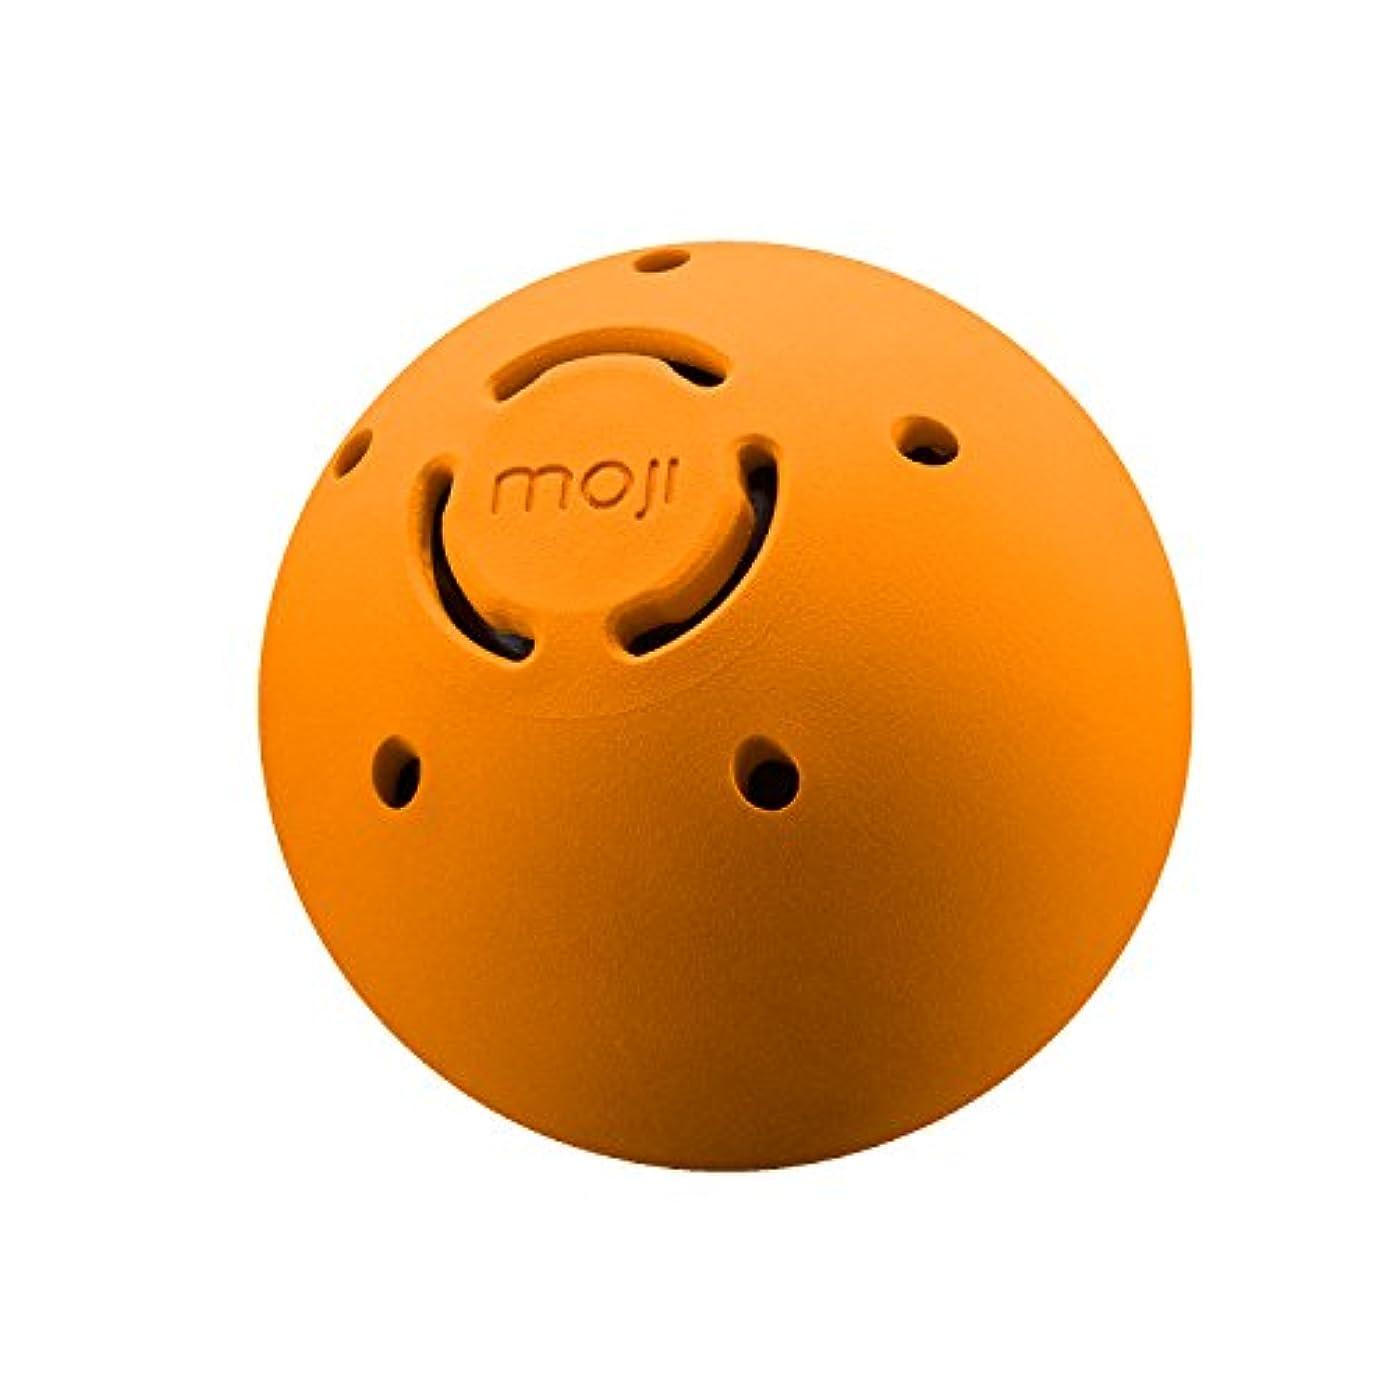 名声経過イヤホン温熱 マッサージボール 筋肉の痛み 筋肉をほぐす 血流促進 MojiHeat Massage Ball (Large)